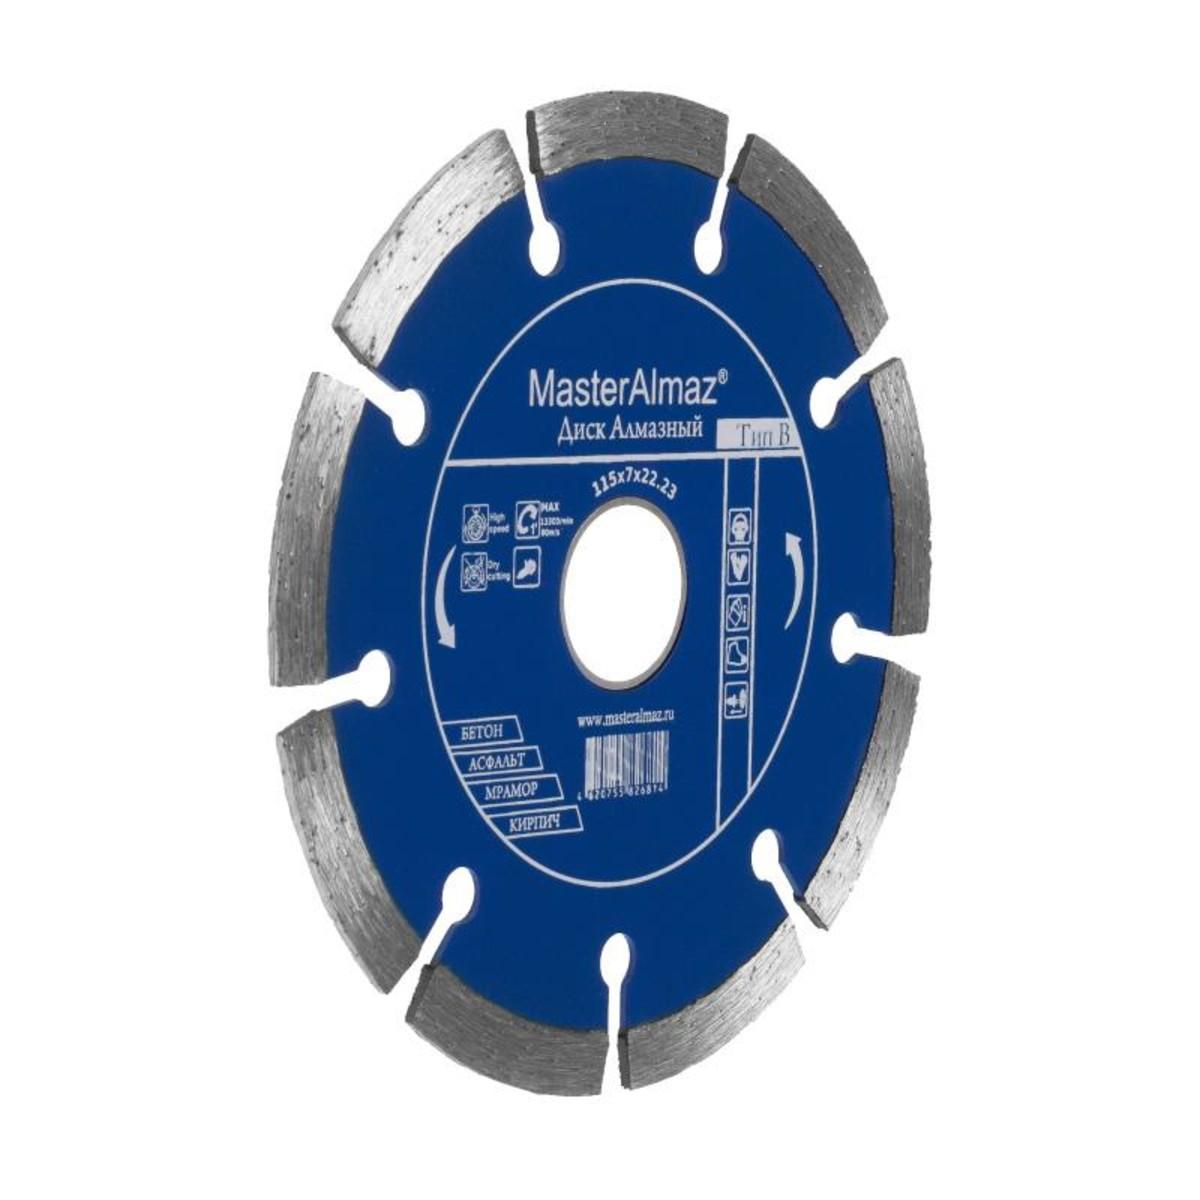 Диск Алмазный Мастералмаз Standard (Тип В) 230Х7Х2223 По Бетону Сегментный